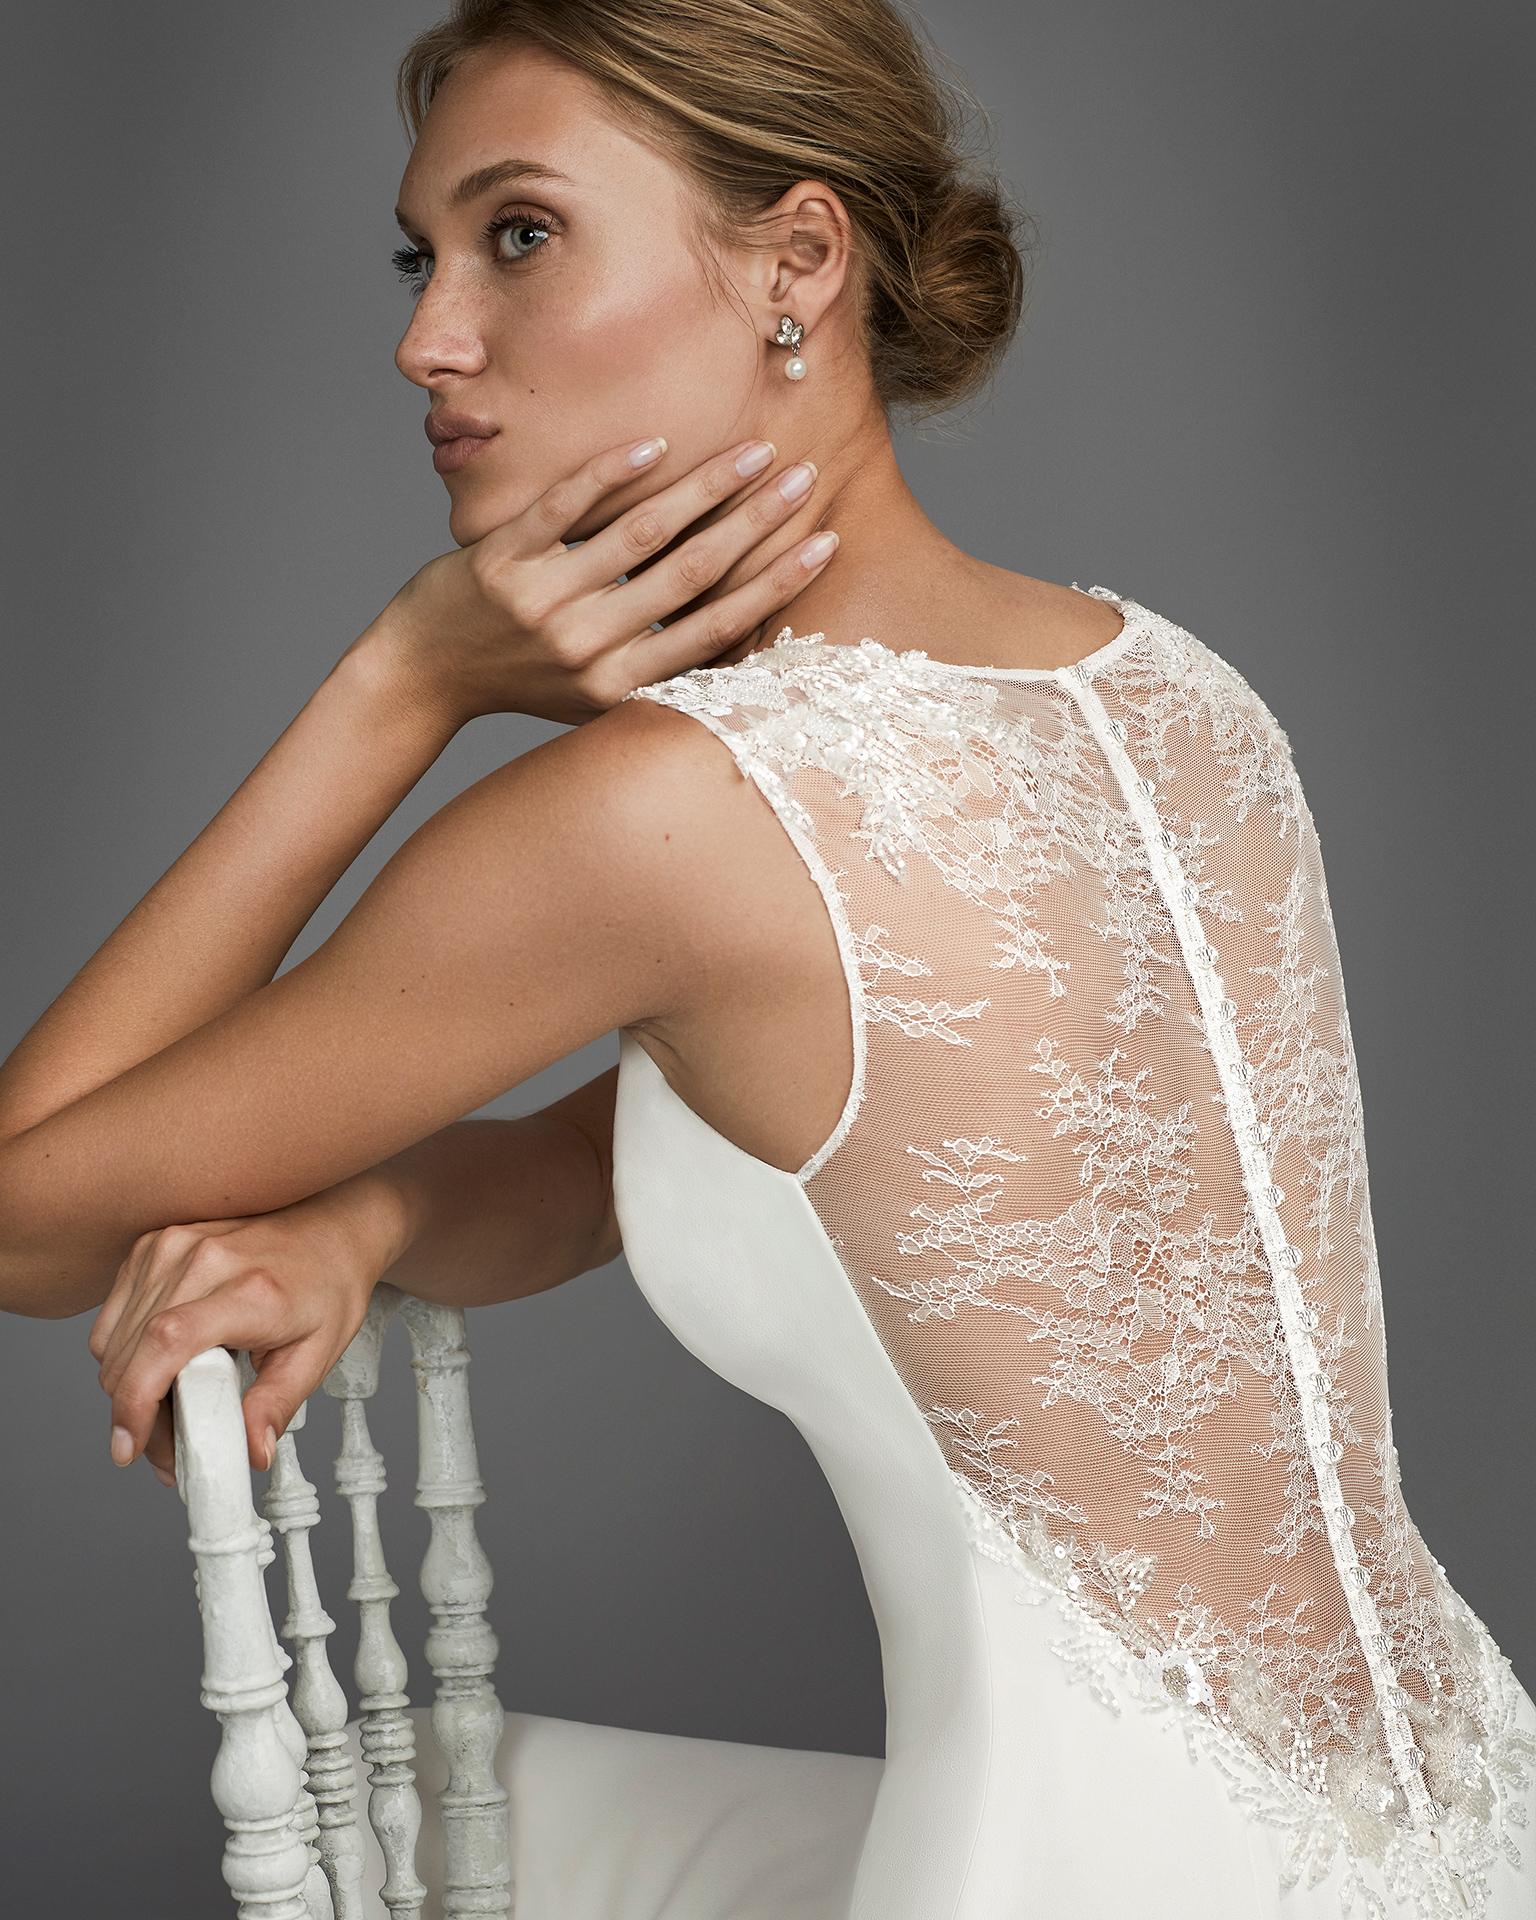 Vestido de novia corte sirena en crepe con espalda de encaje y pedreria.